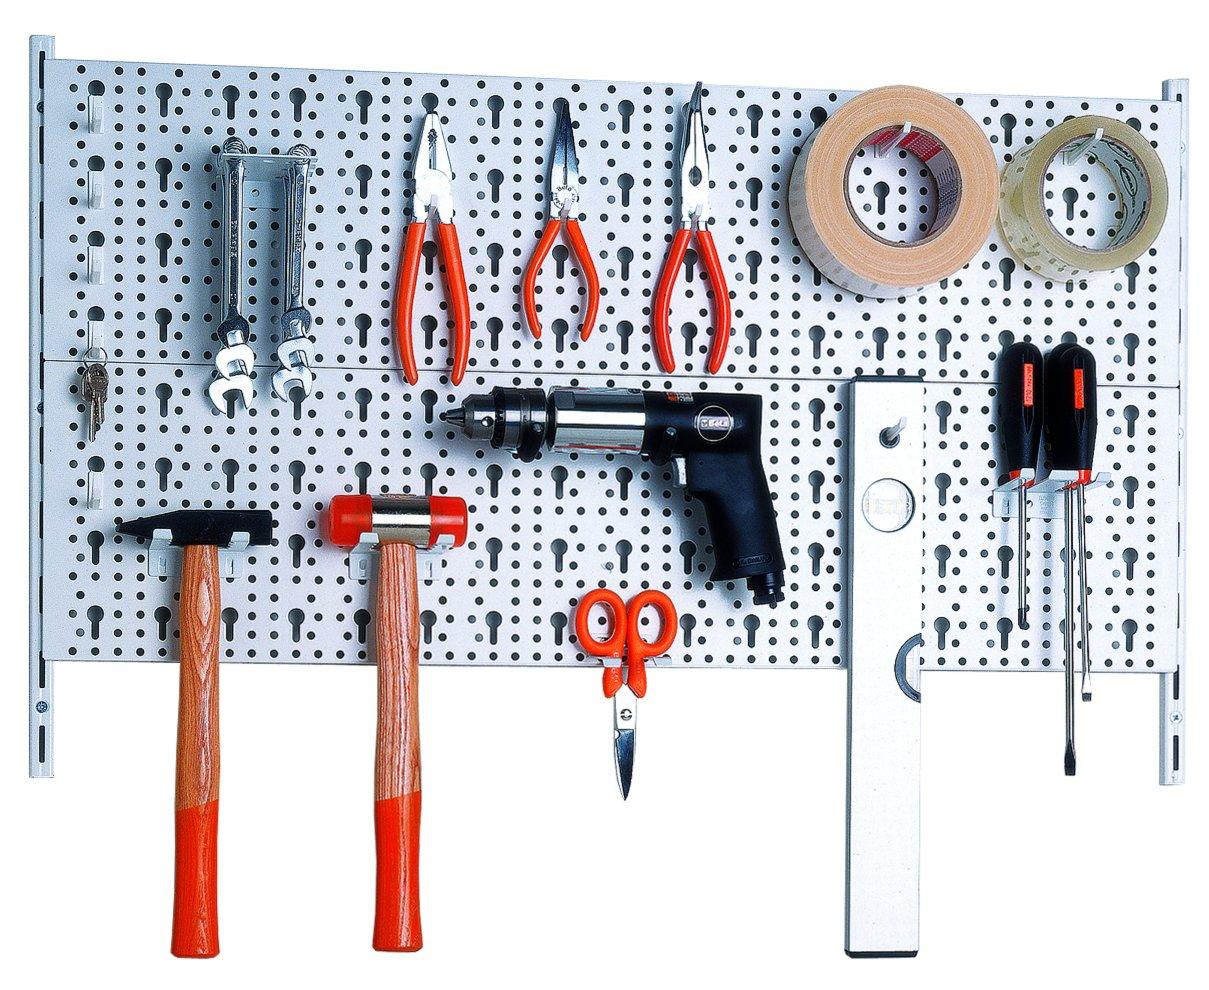 Element System Panel para herramientas de metal con juego de portaherramientas de 18 piezas incluyendo tornillos y tacos, panel perforado para guardar herramientas, blanco 11300-00000